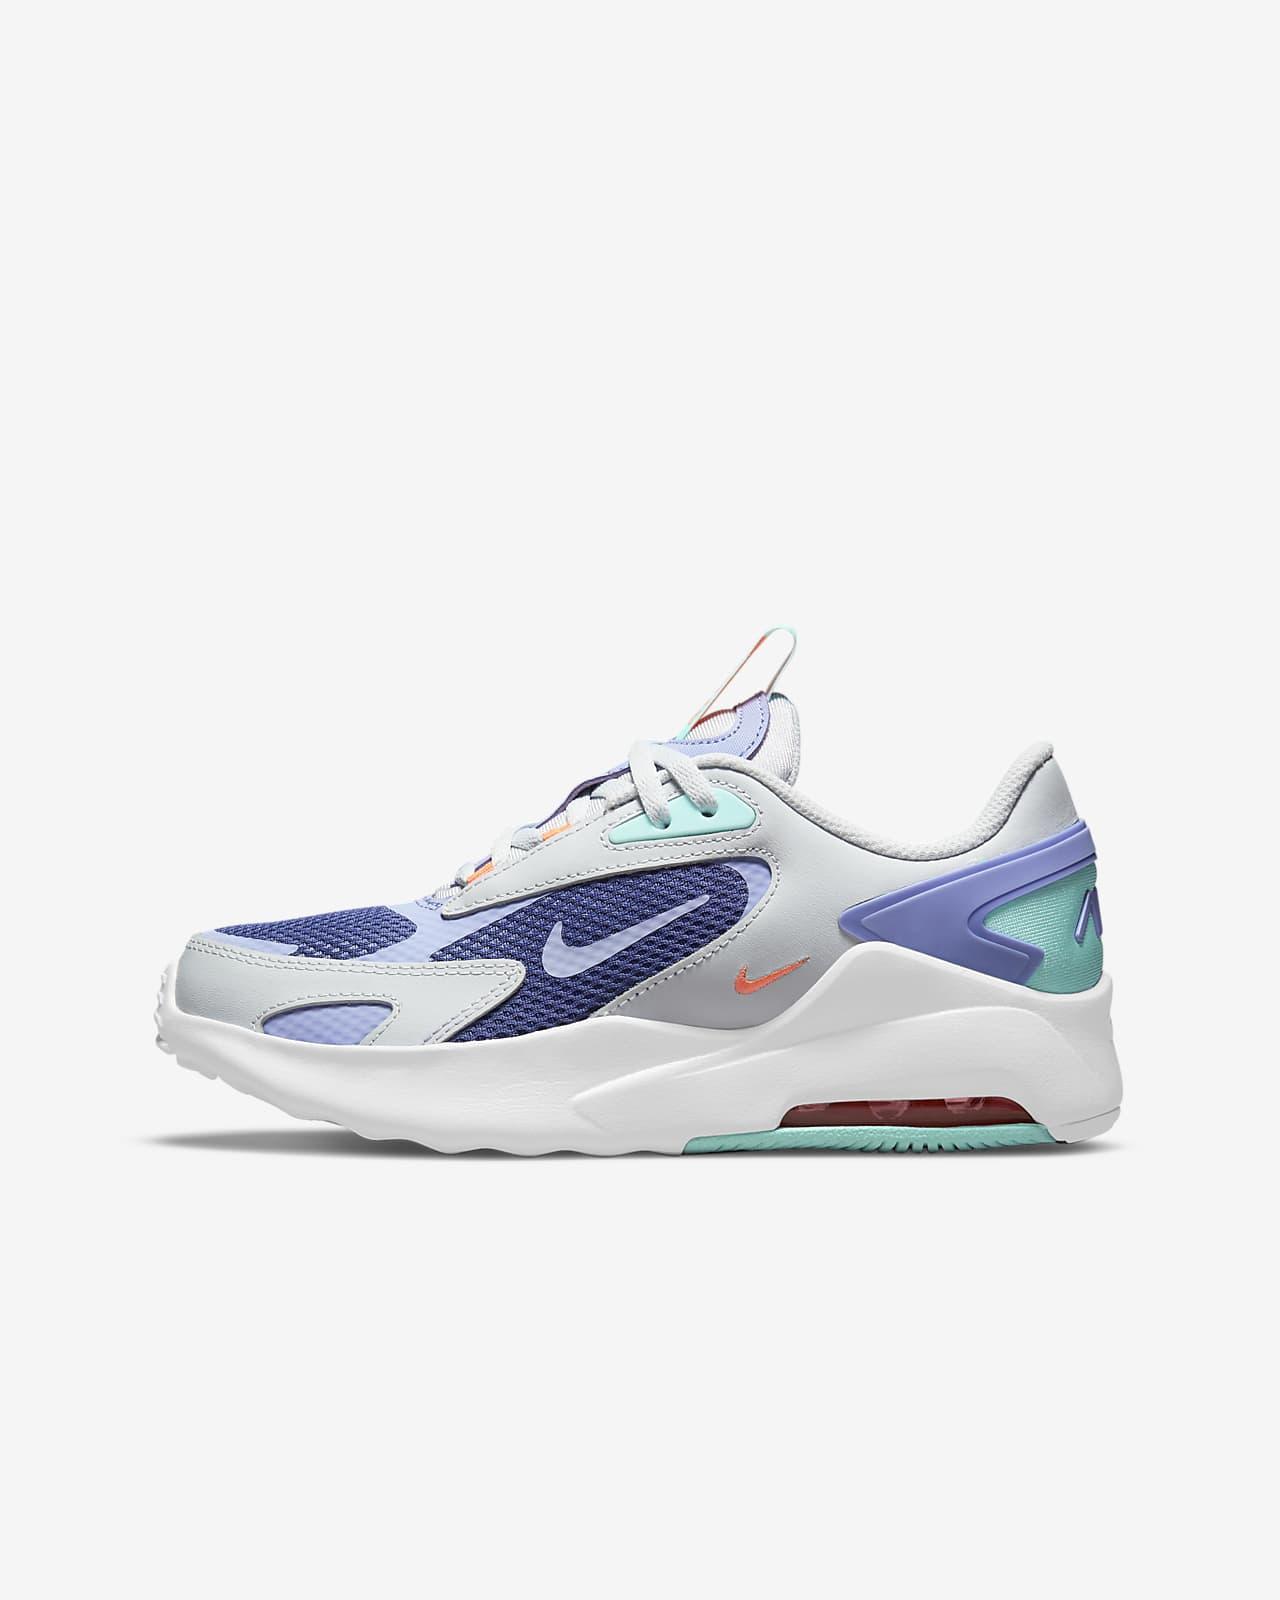 Nike Air Max Bolt Genç Çocuk Ayakkabısı